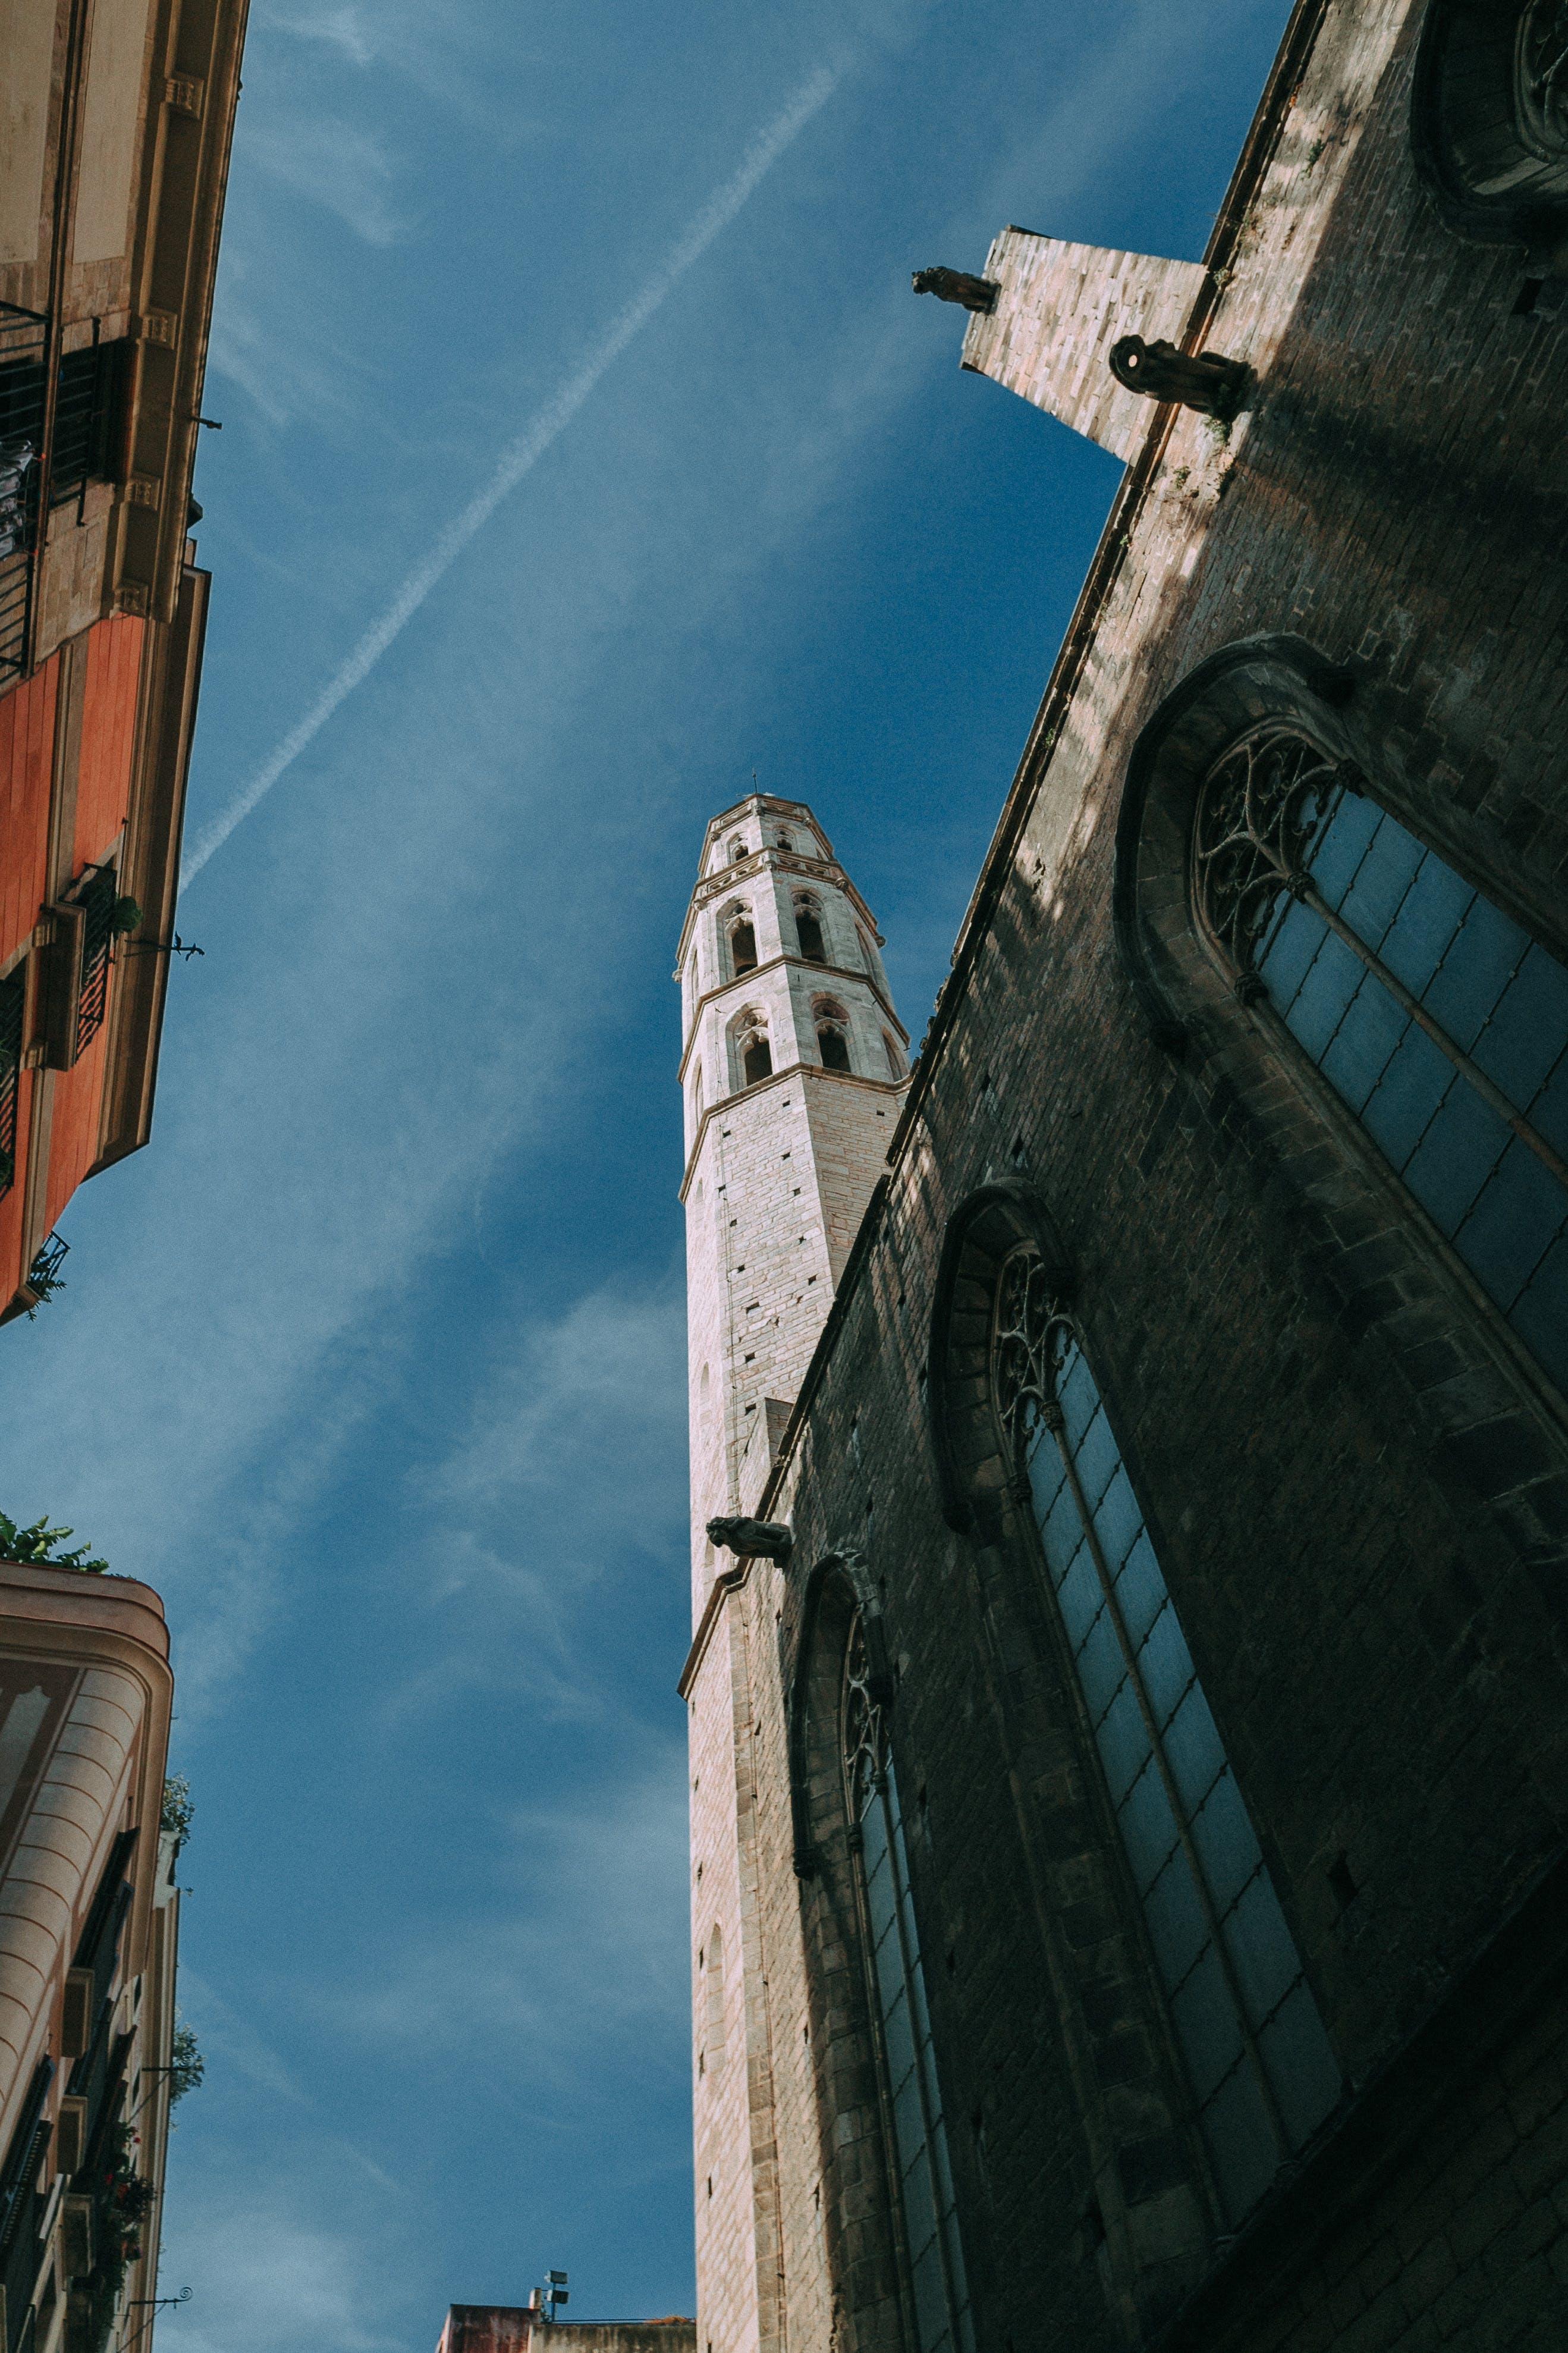 Arsitektur, awan, bangunan